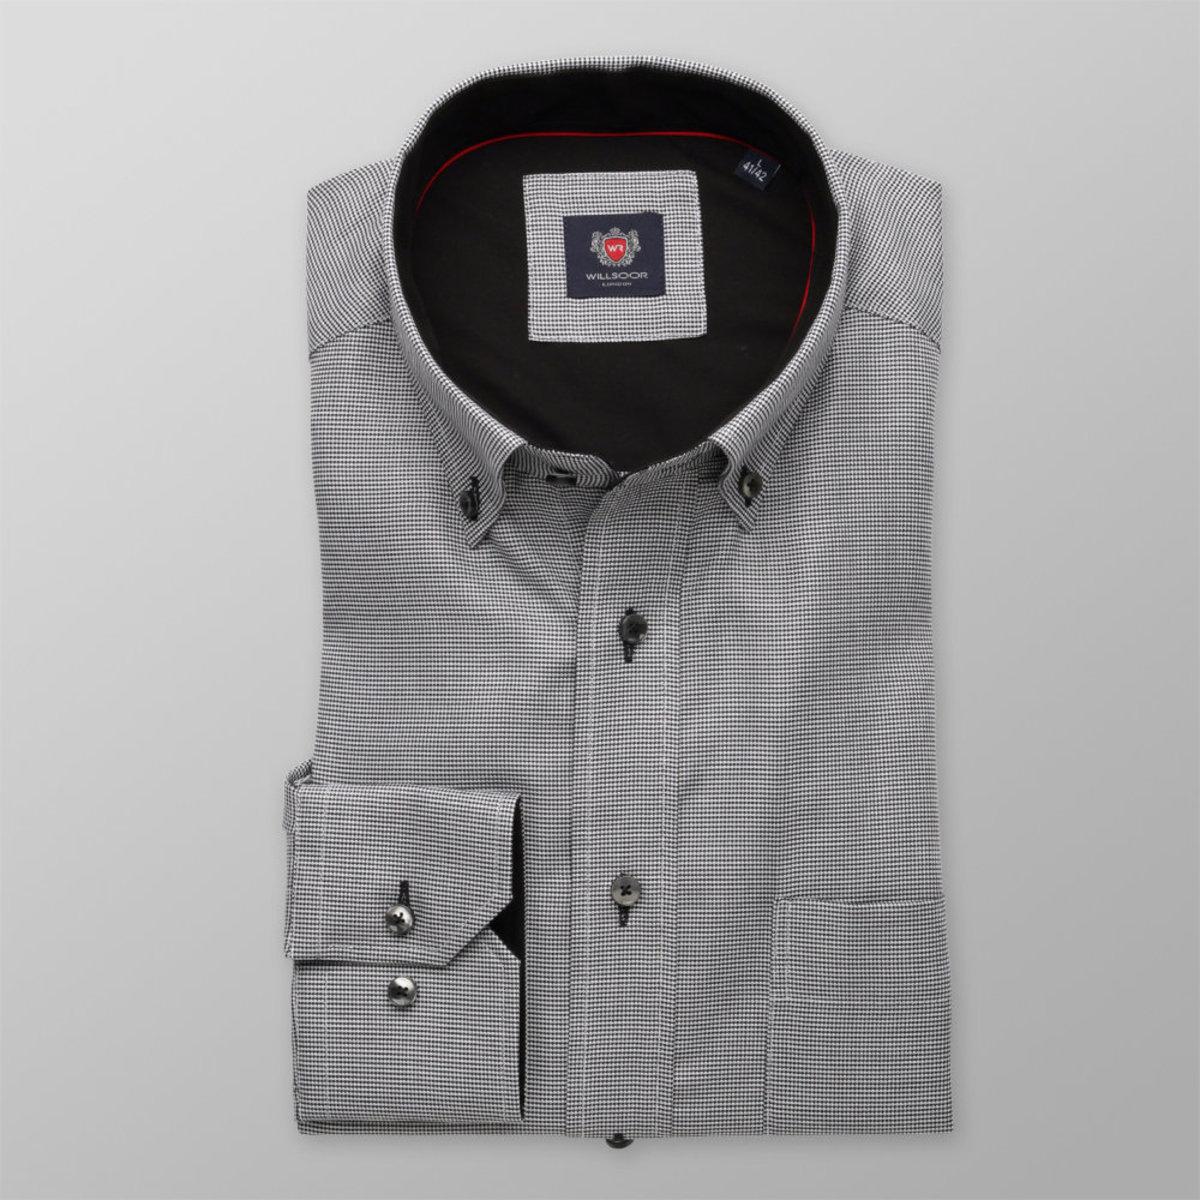 Pánská klasická košile London (výška 176-182) 8616 v šedé barvě s úpravou easy care 176-182 / L (41/42)